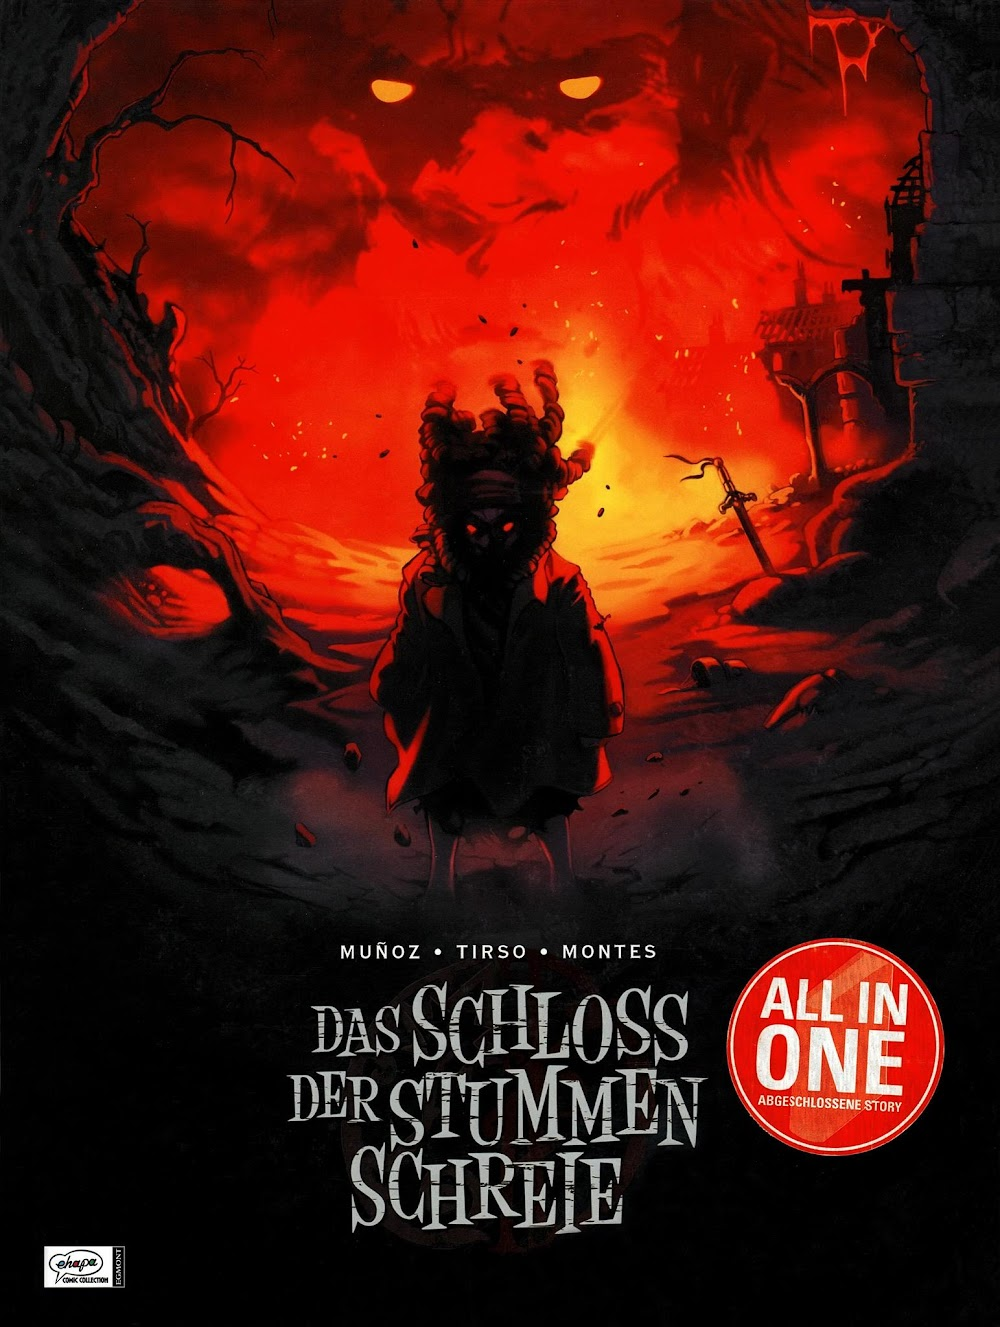 Das Schloss der stummen Schreie (2011)